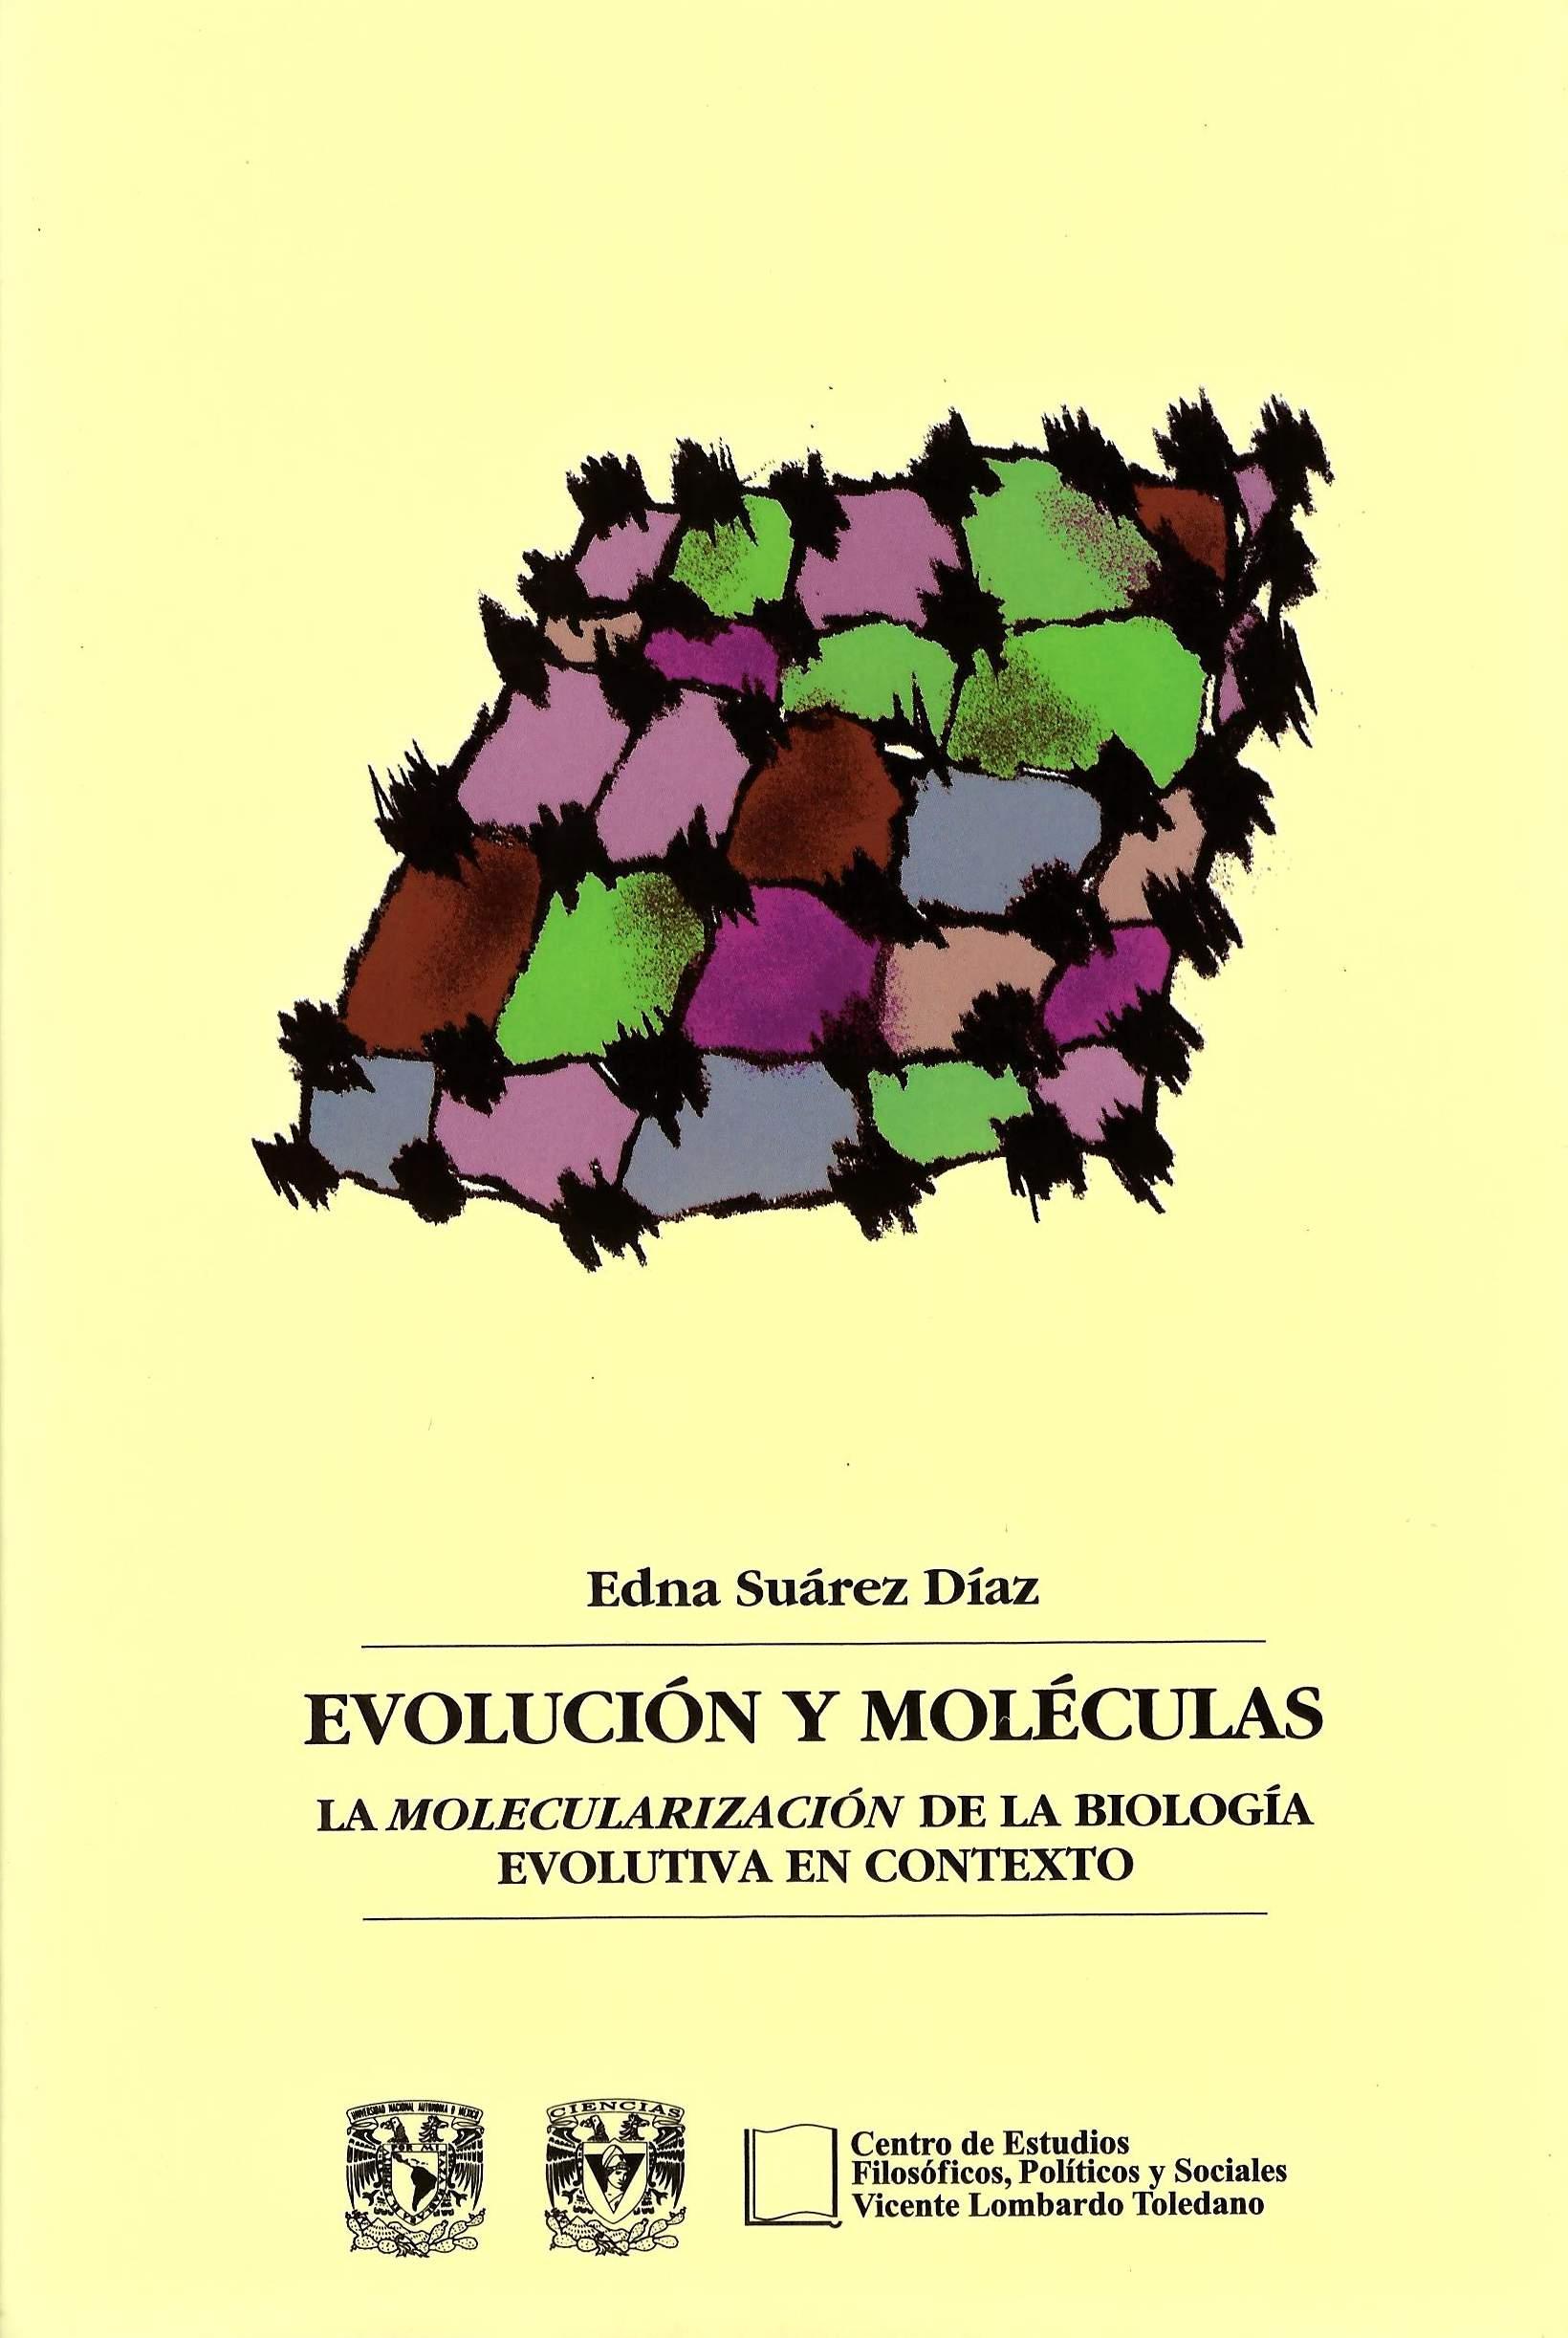 Evolución y moléculas